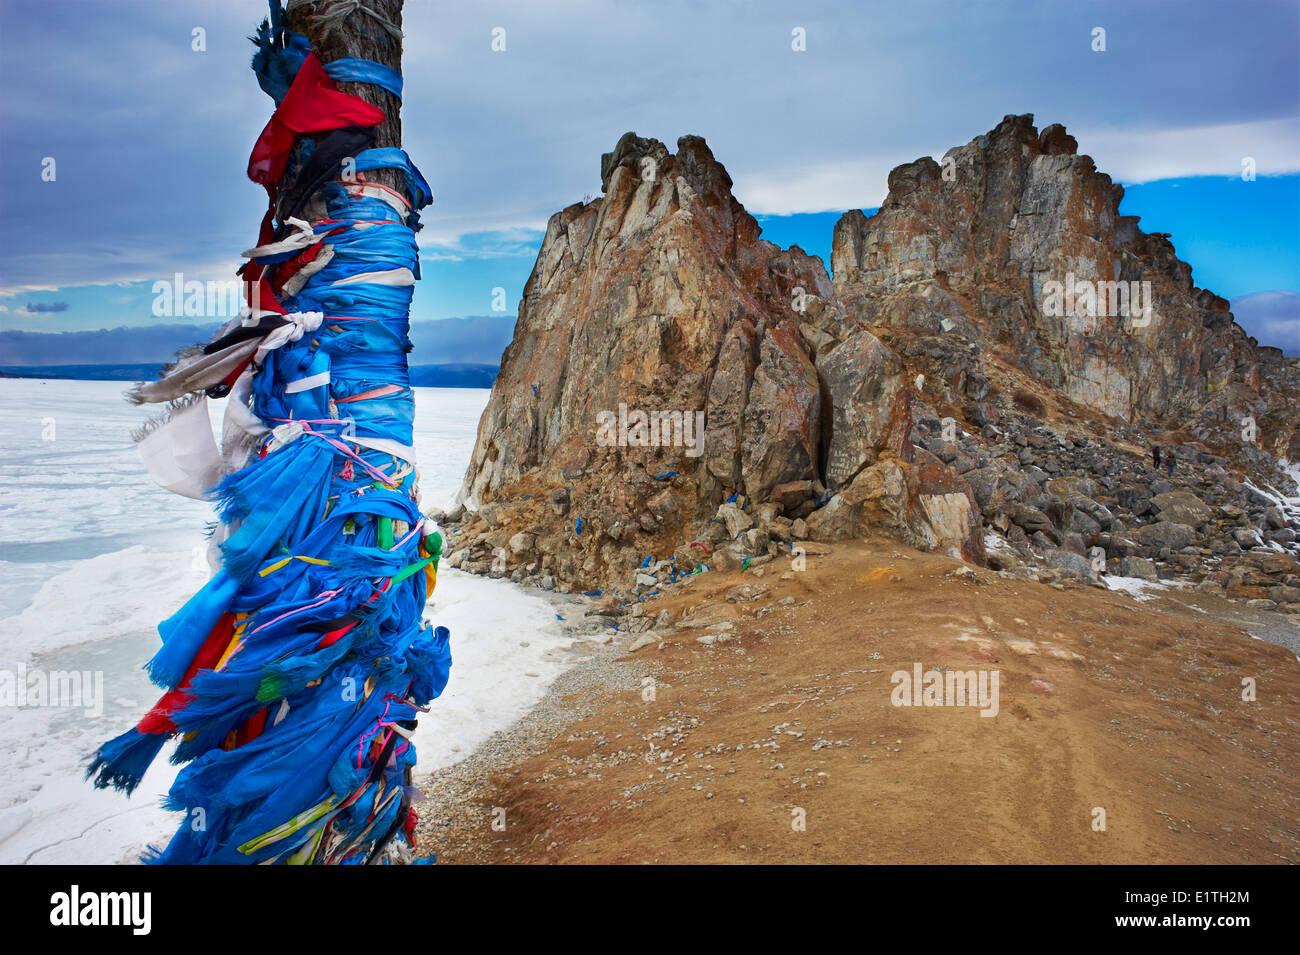 La Russia, Siberia, Irkutsk, Oblast di lago Baikal, Maloe più (po) mare, lago ghiacciato durante l'inverno, isola di Olkhon, Shaman rock Foto Stock